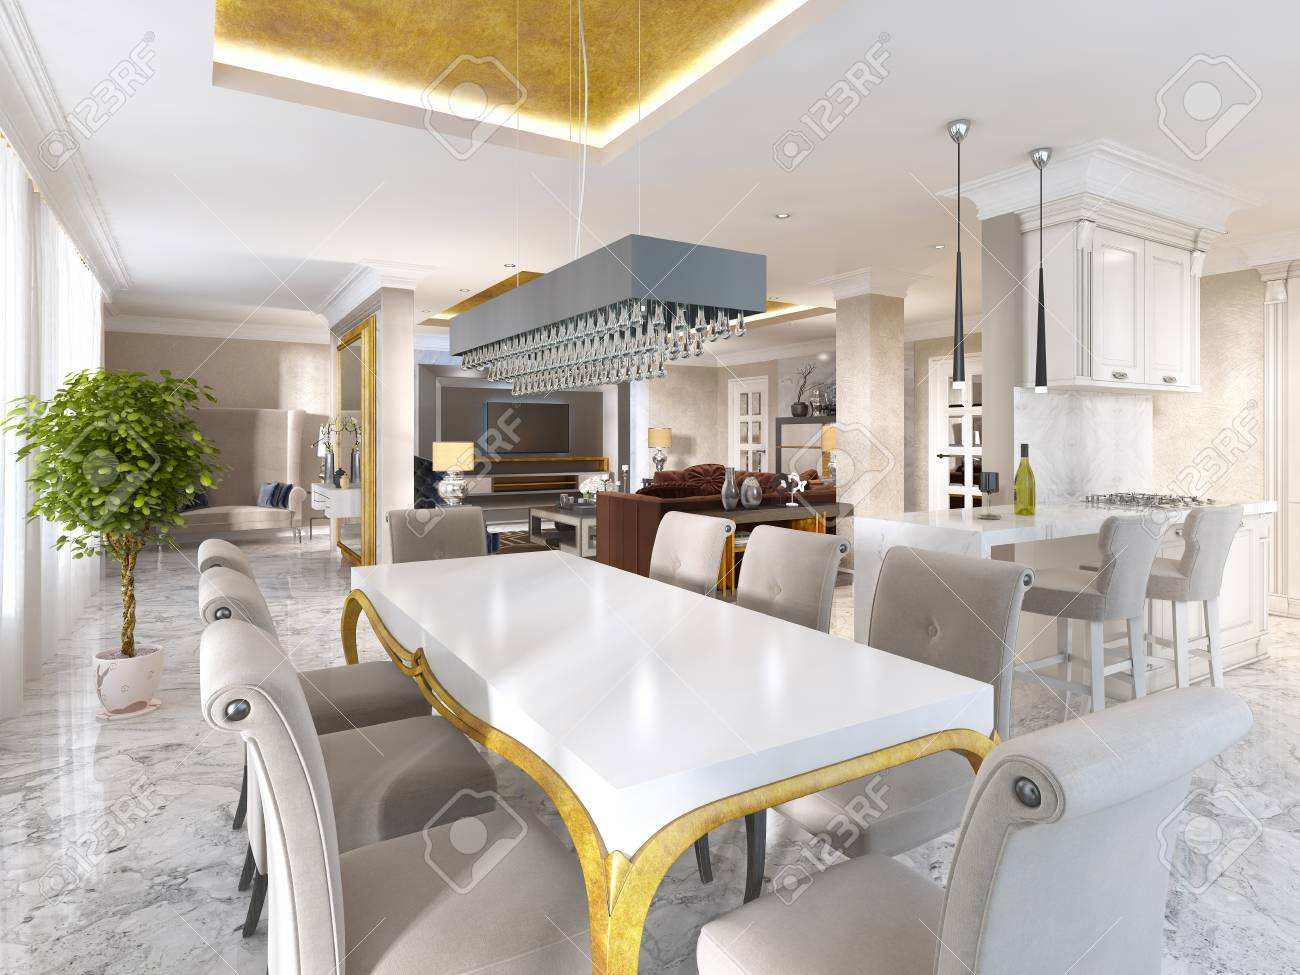 Grande table à manger pour huit personnes dans le style de l art